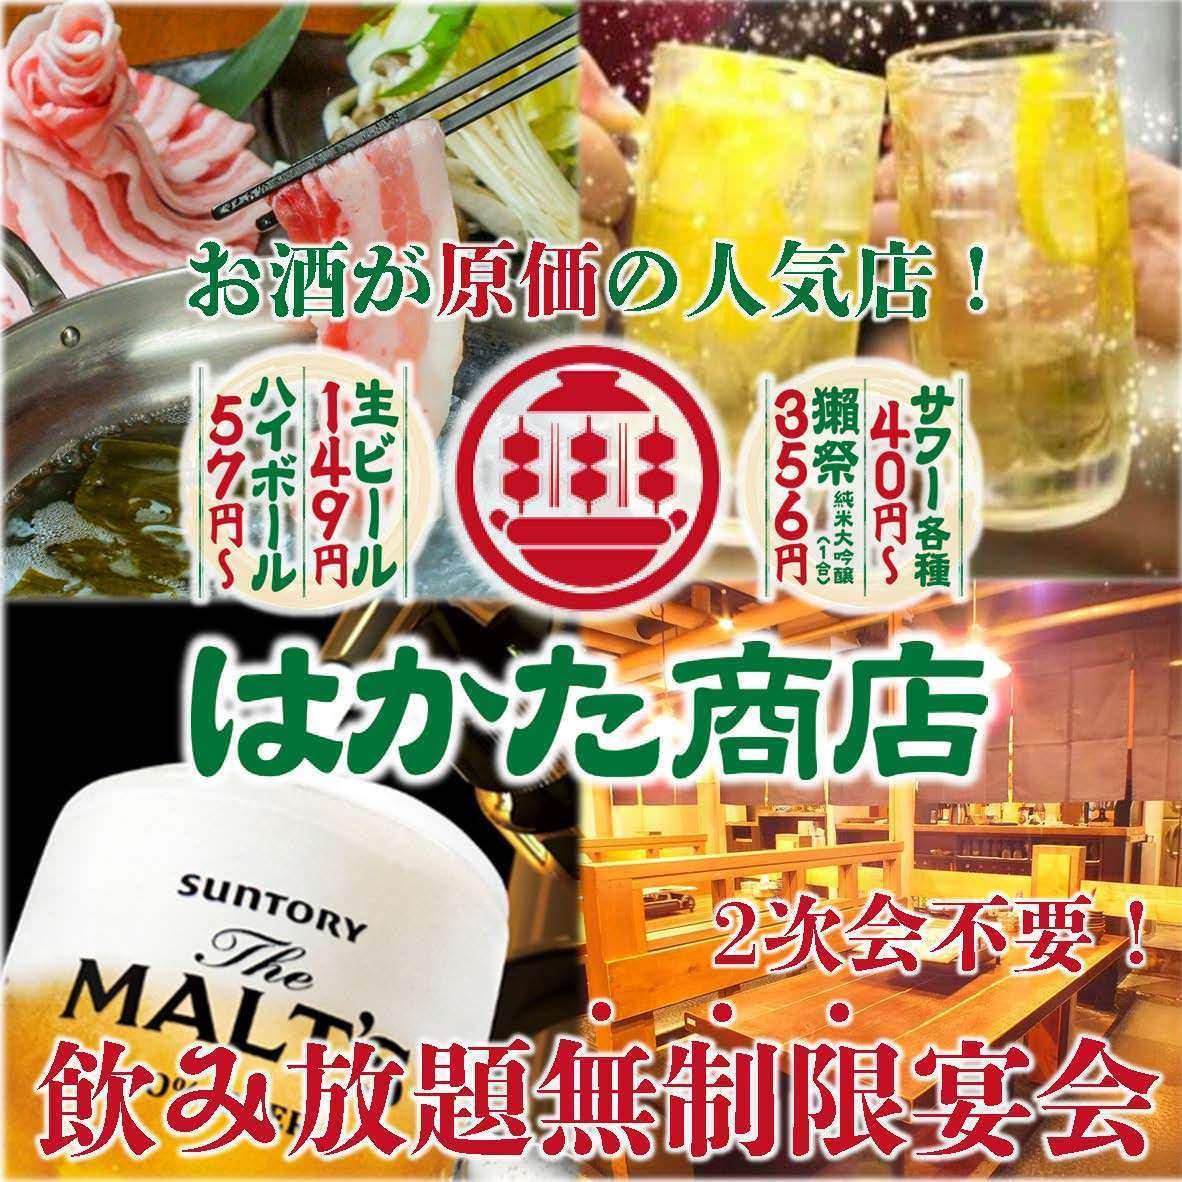 宴会飲み放題無制限× はかた料理専門店 はかた商店 町屋のイメージ写真